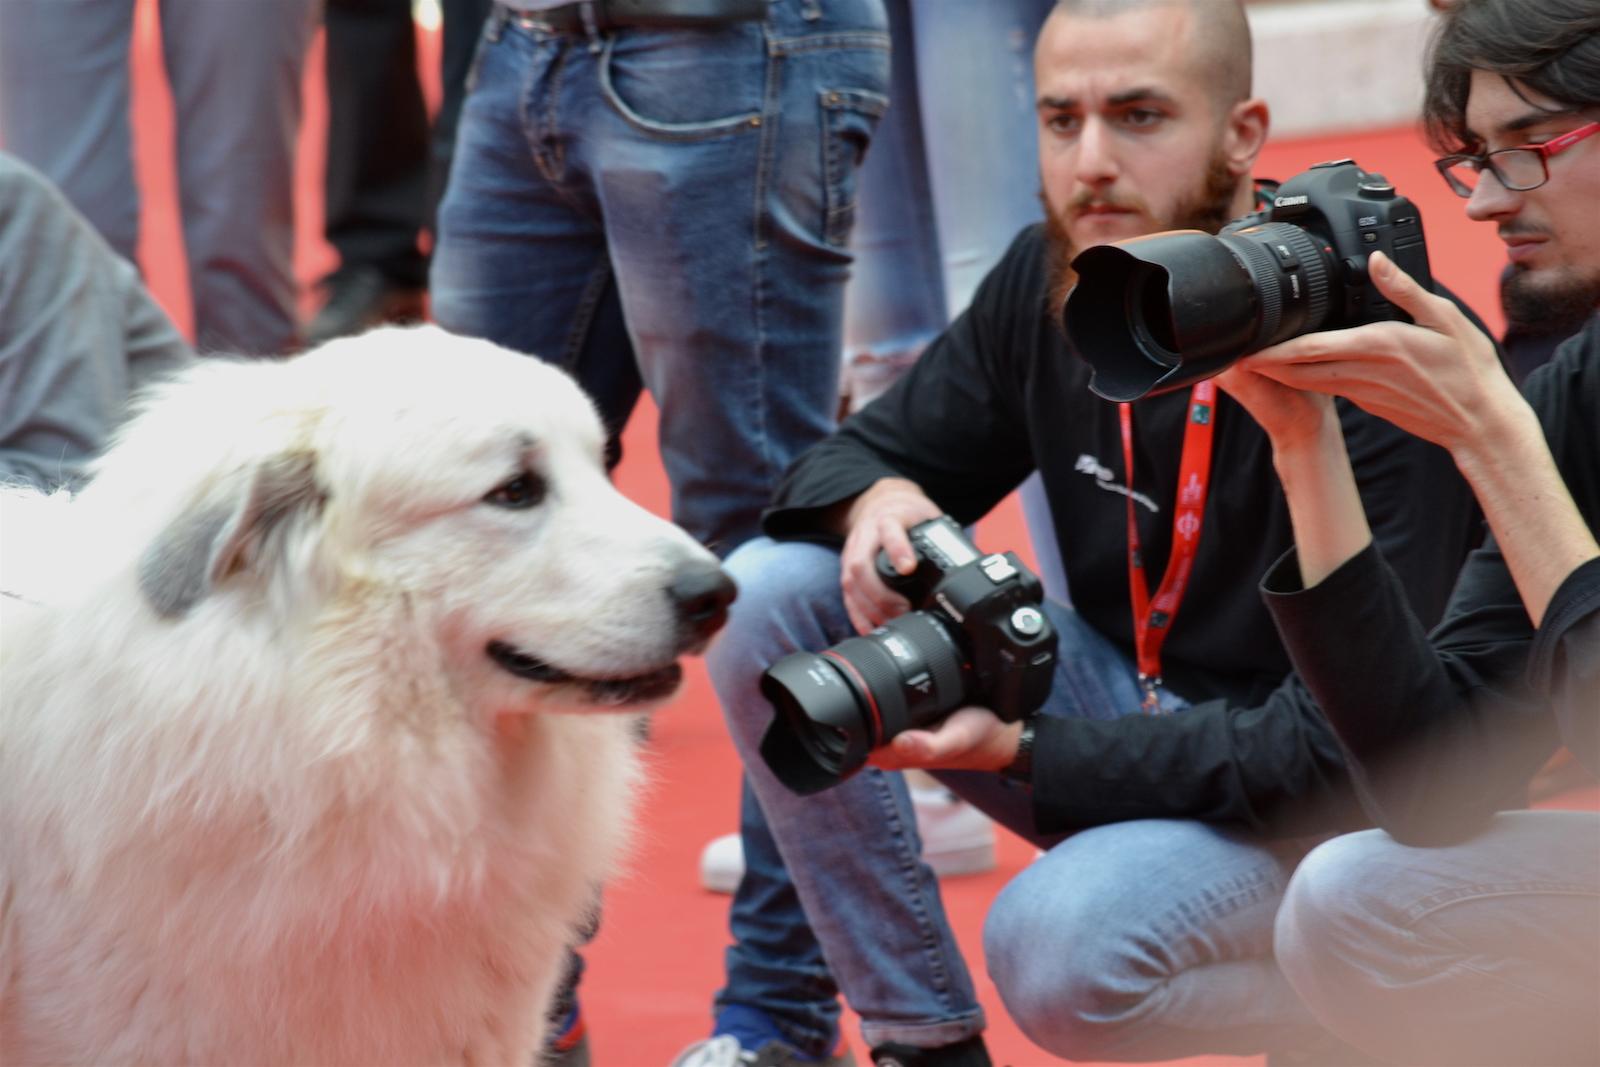 Roma 2015: Il cane bel con i fotografi sul red carpet di Belle & Sèbastien, l'avventura continua